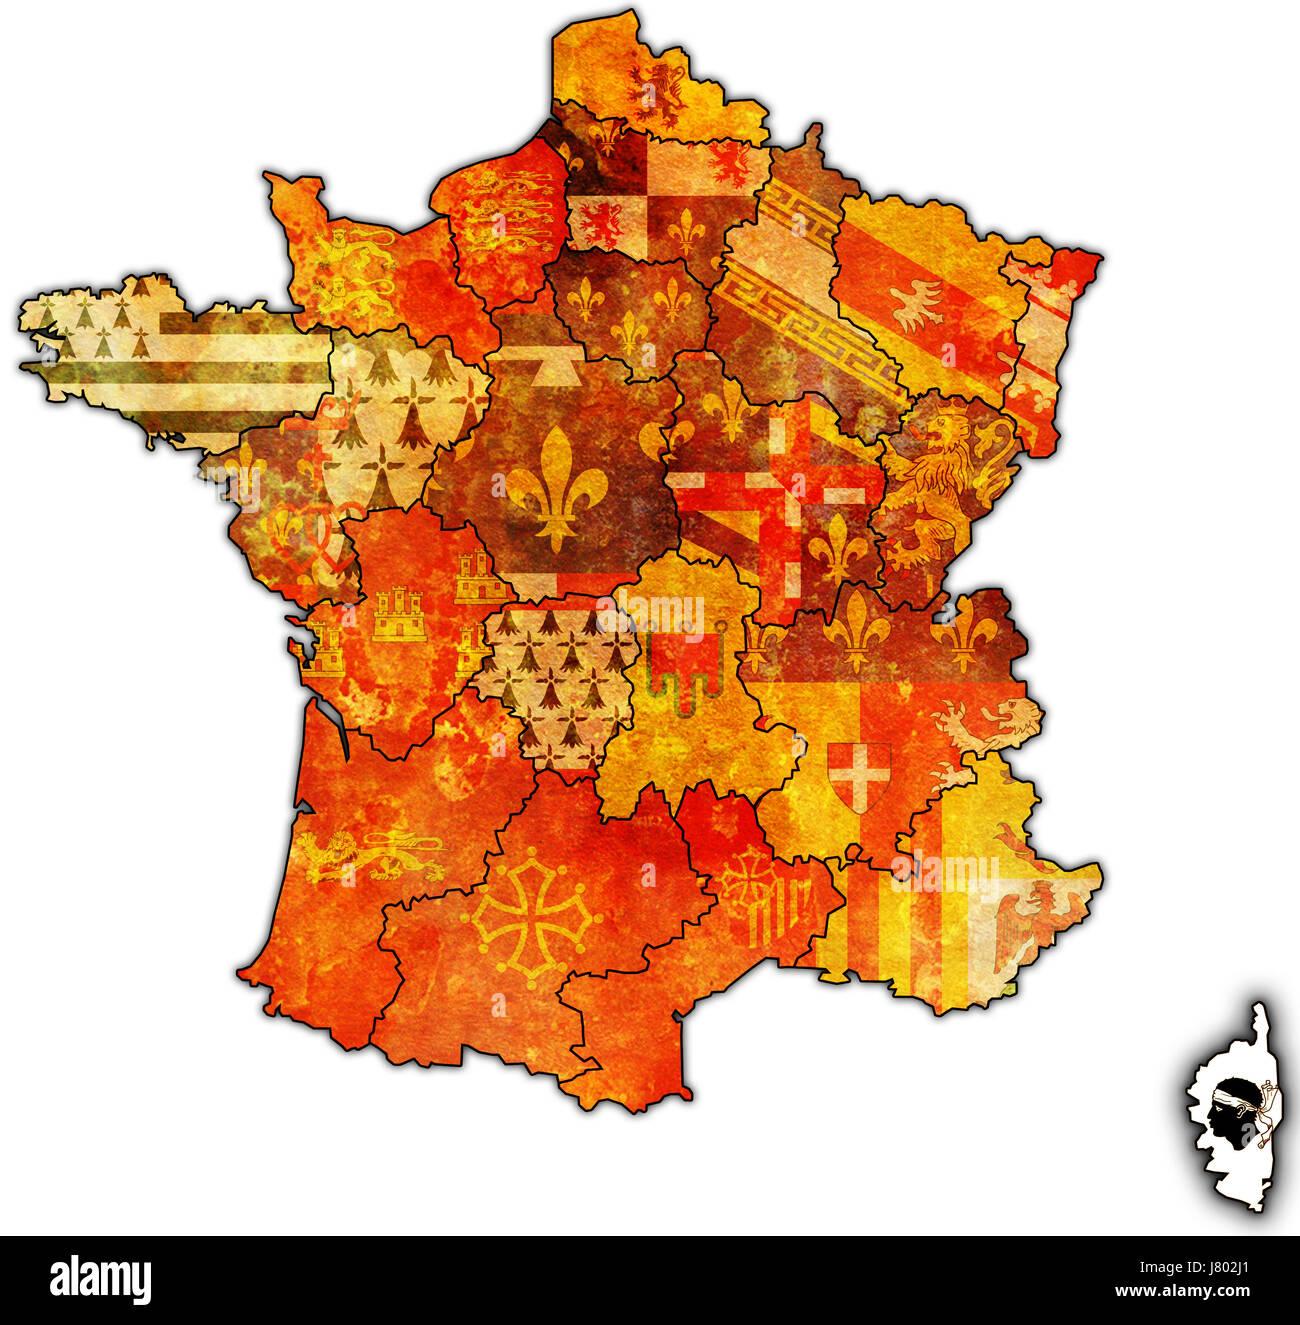 Drapeau France Region Departement De Geographie Atlas Des Cartes Plan De La Scene Politique Photo Stock Alamy